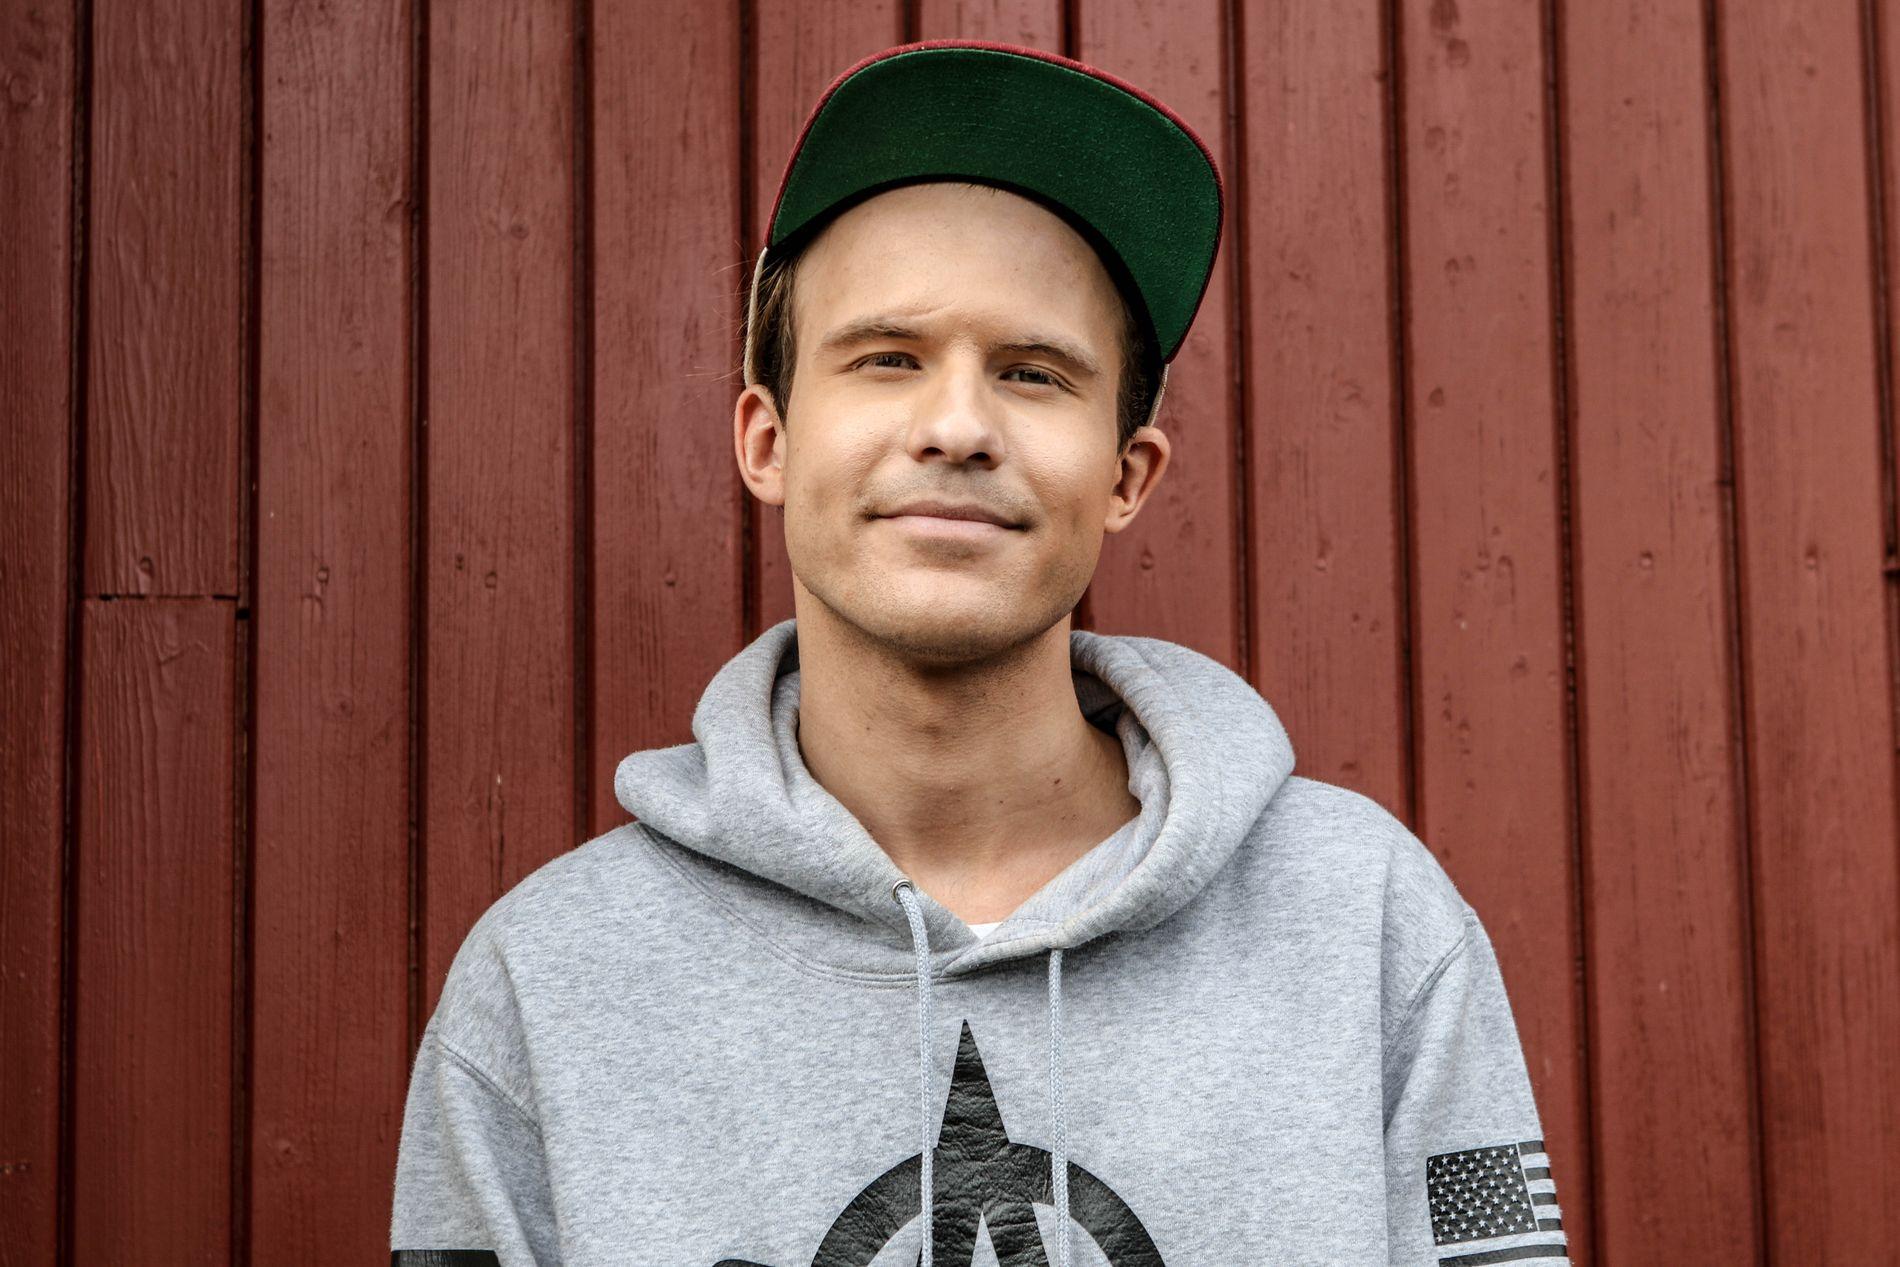 FÅTT SAMBOER: Morgan Sulele, eller Magnus Clausen, har flyttet sammen med Rebekka Norvik som han møtte på sin egen videoinnspilling.